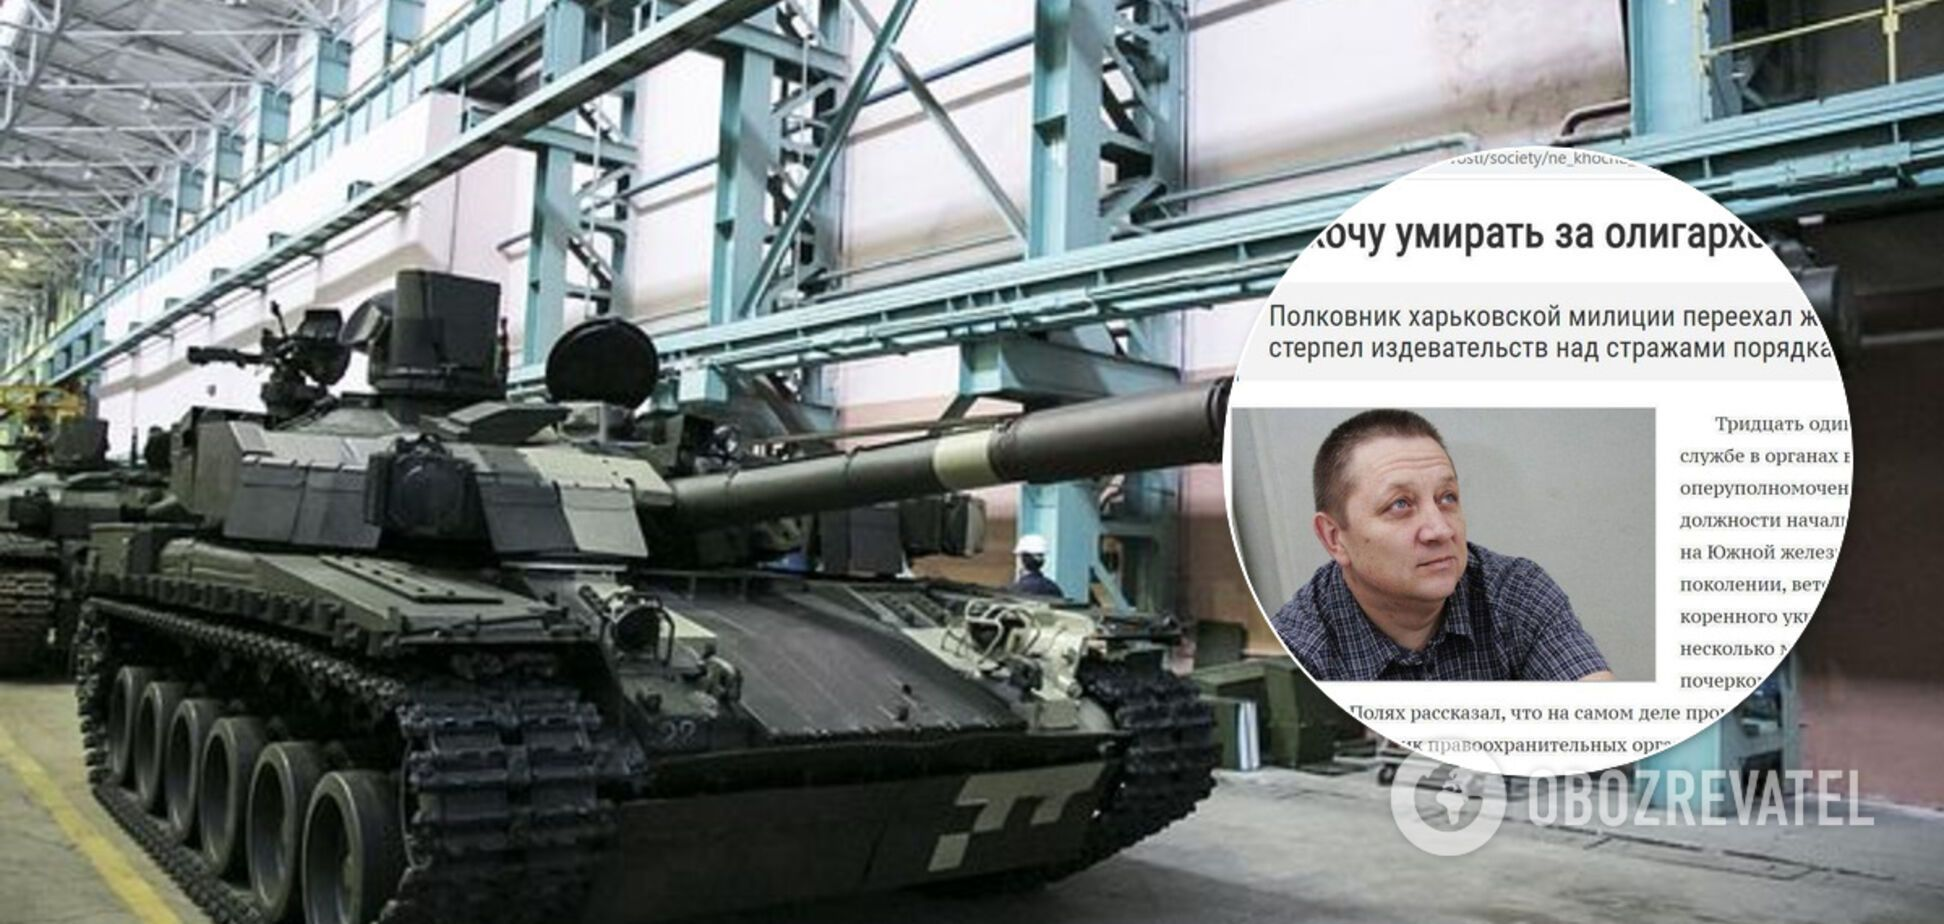 В 'Укроборонпромі' чиновник потрапив у скандал через 'любов' до РФ